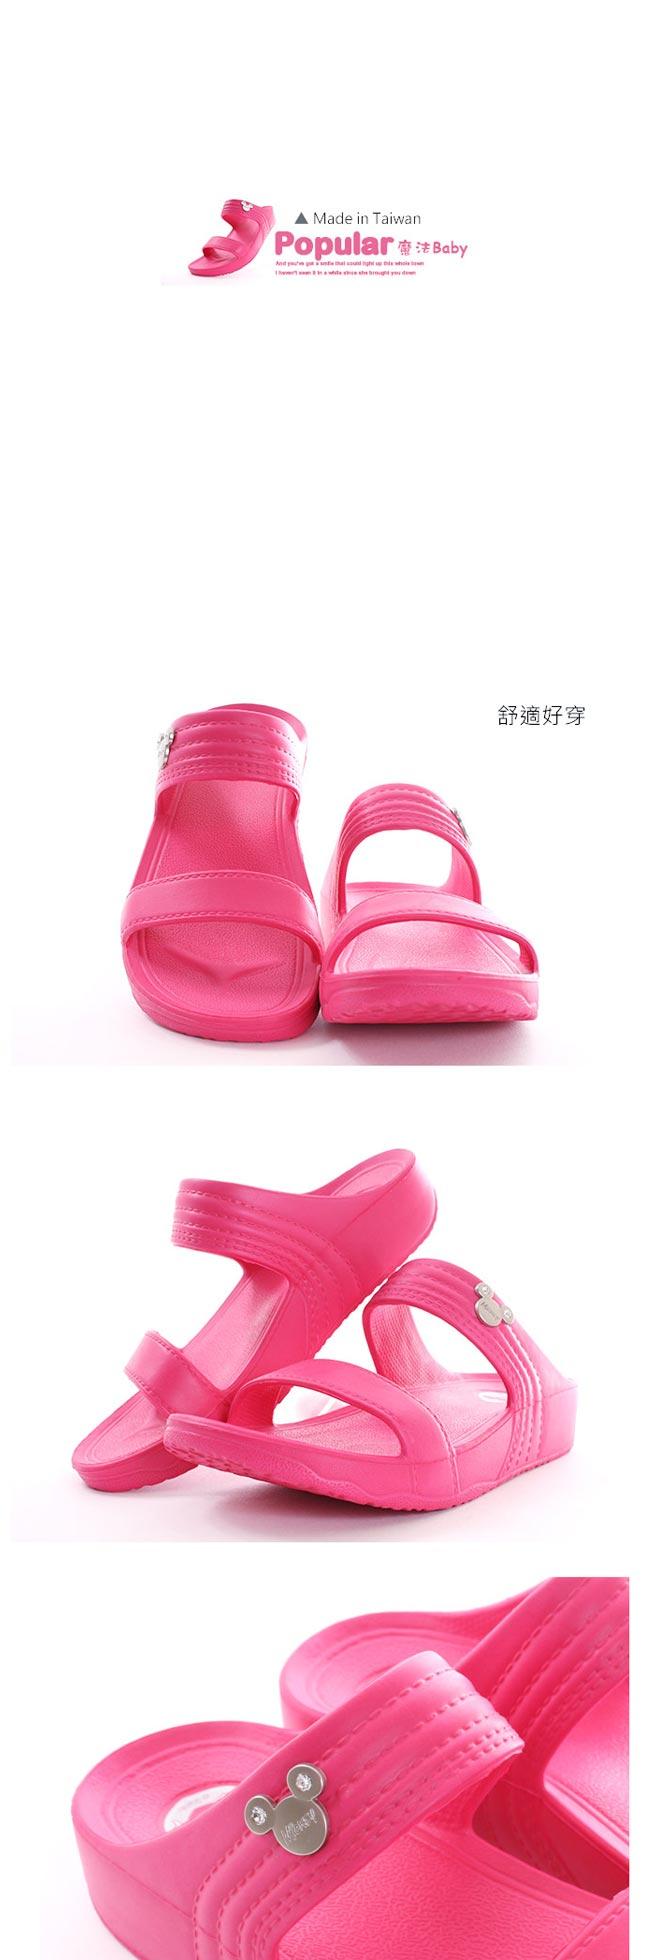 迪士尼米妮時尚休閒拖鞋 紅 sk0451 魔法Baby